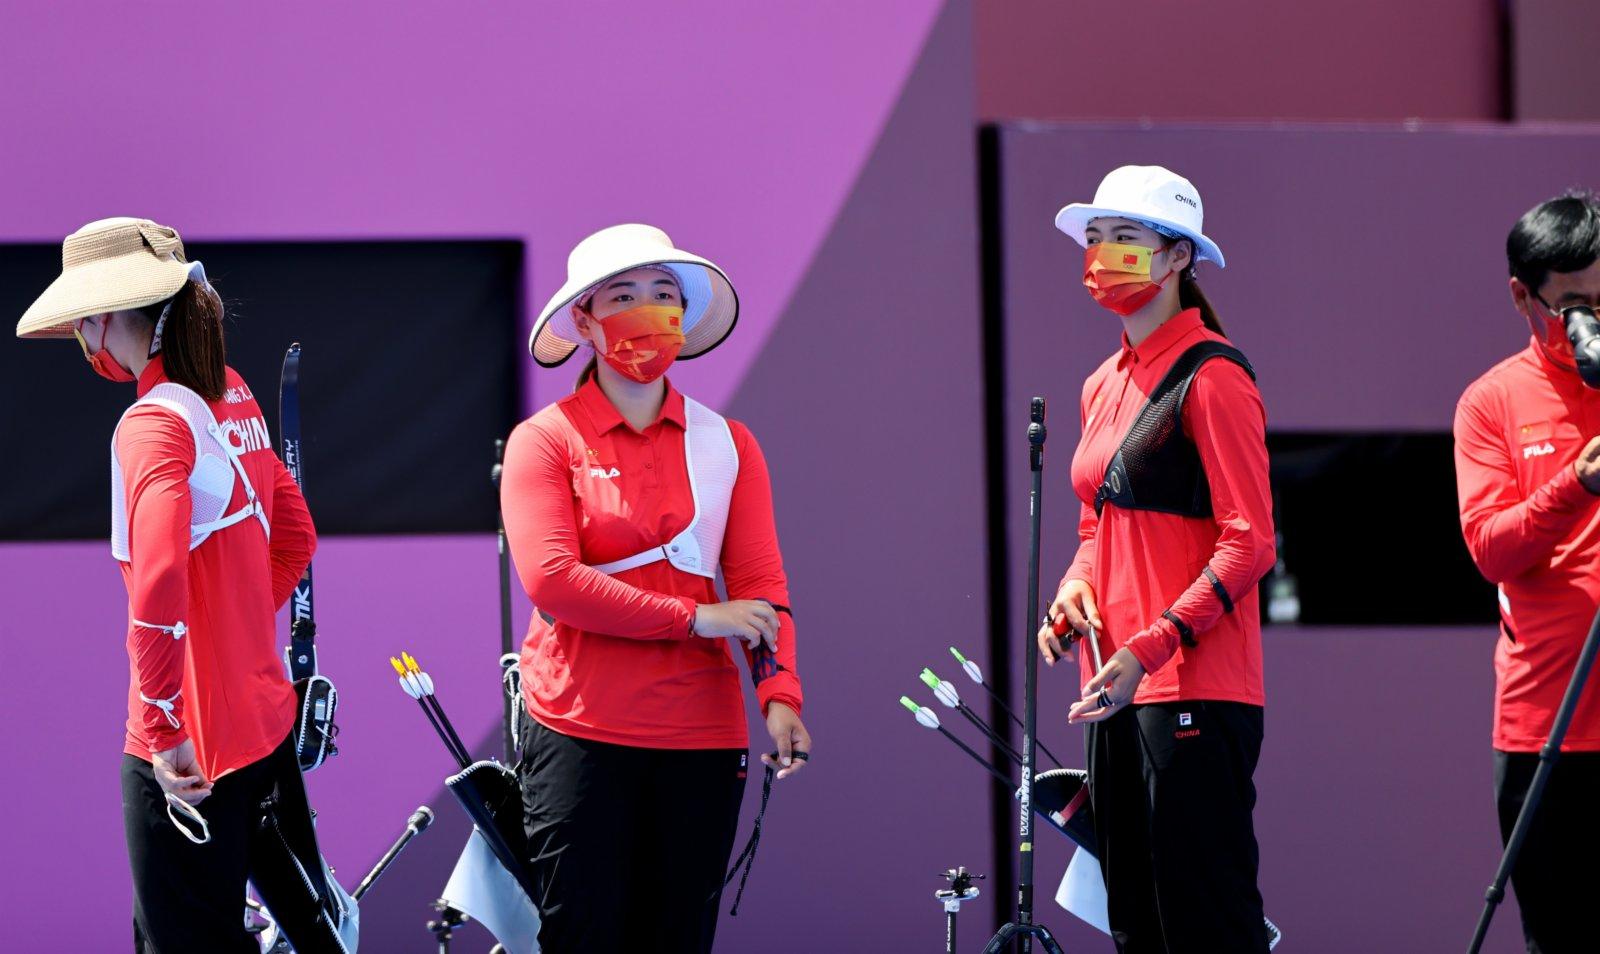 7月25日,中國隊選手賽後準備退場。當日,在東京奧運會射箭女子團體八分之一淘汰賽中,中國隊以3比5不敵白俄羅斯隊。(新華社)